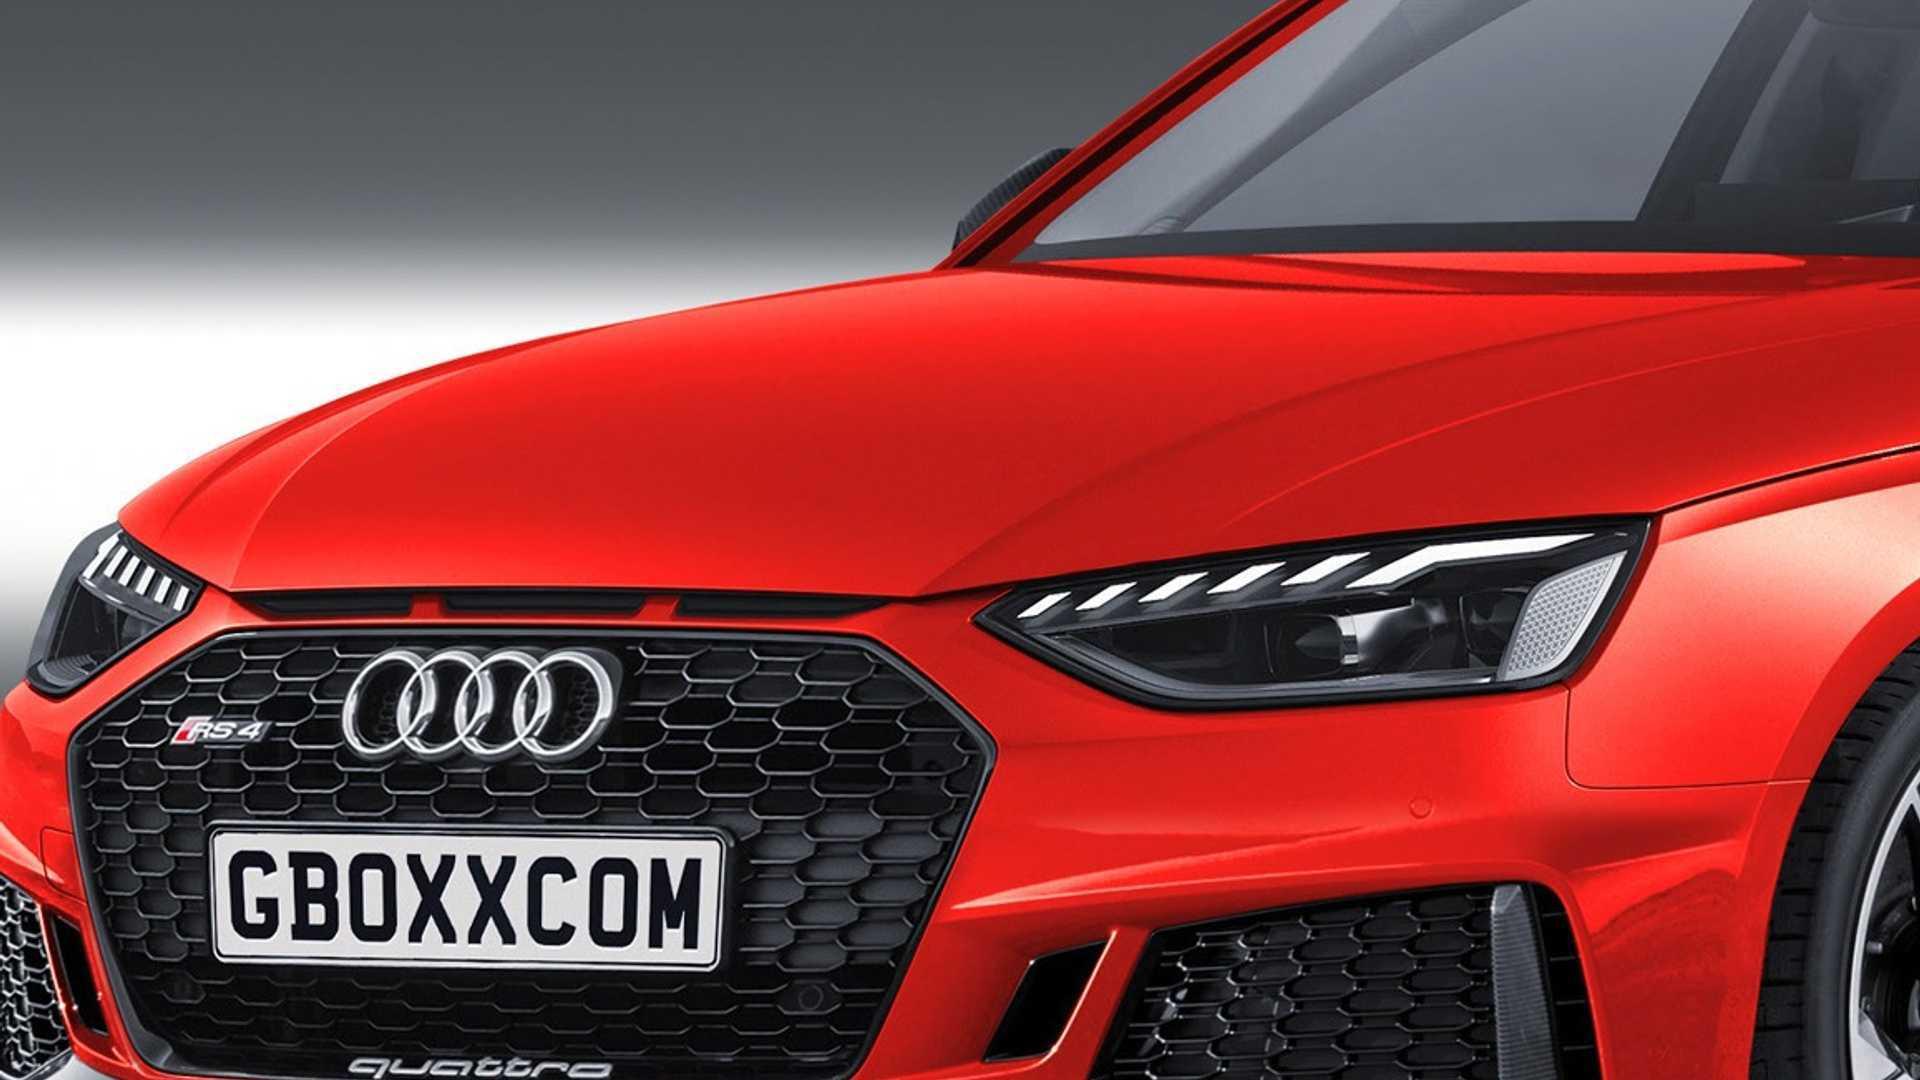 2020 Audi Rs4 Rendered As M3 Rivaling Sedan